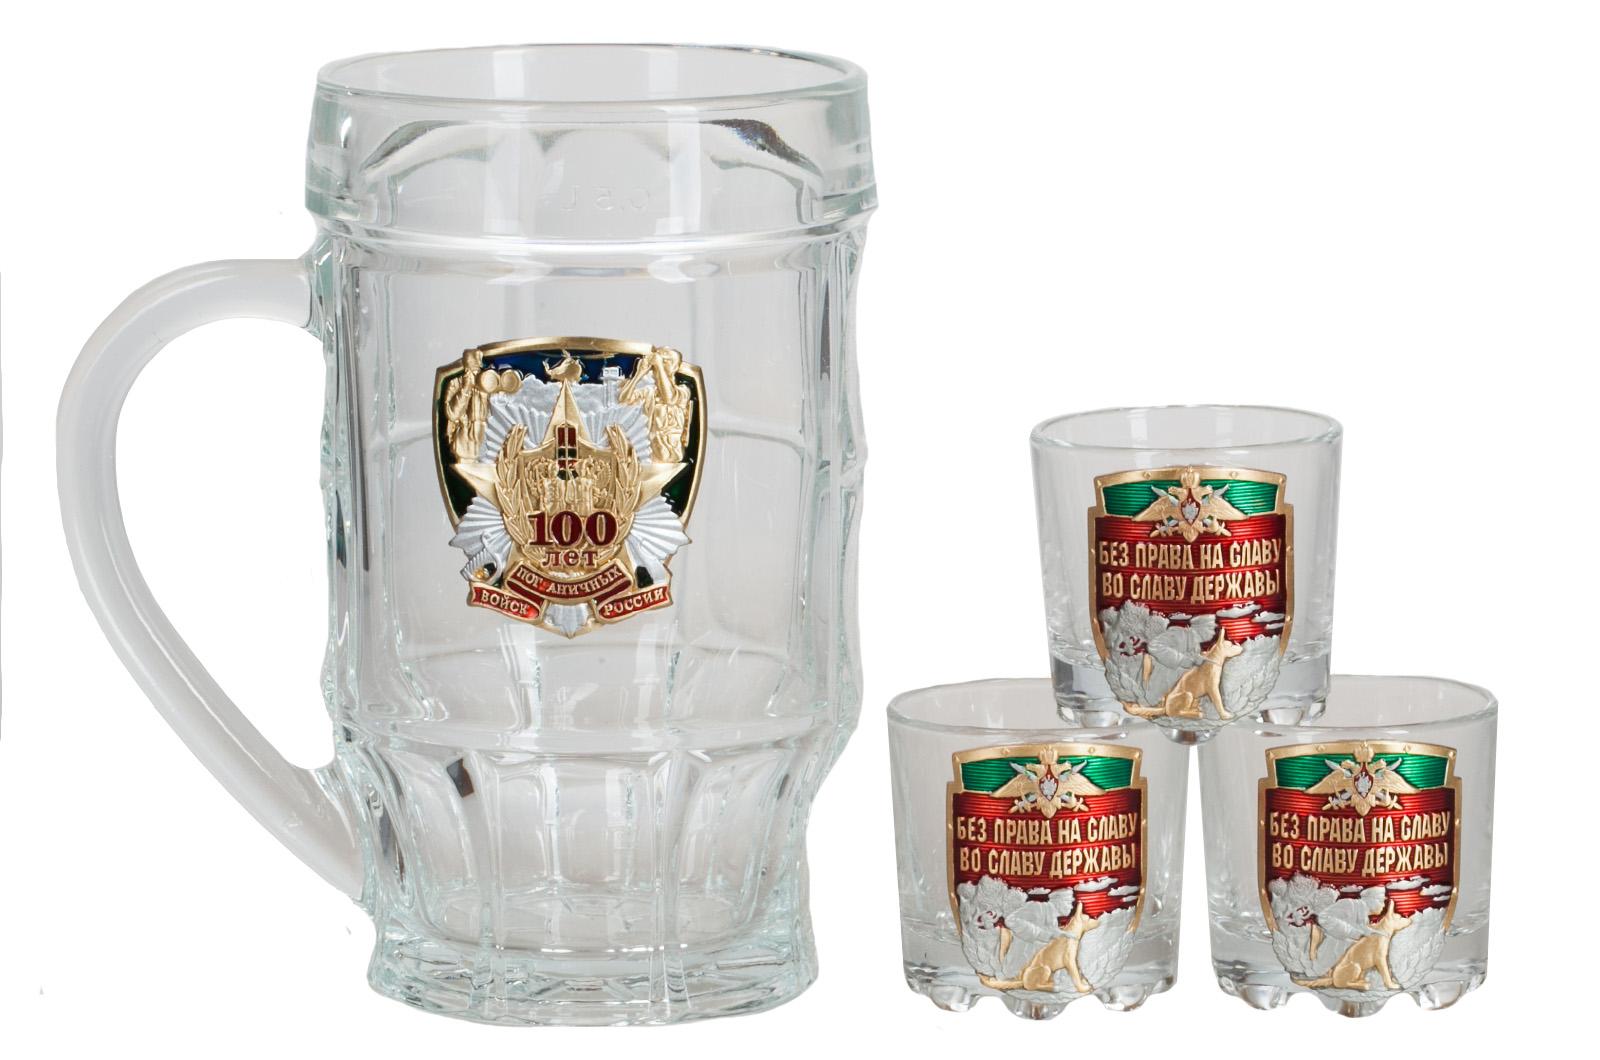 Алкогольный набор в подарок пограничнику от дизайнеров Военпро